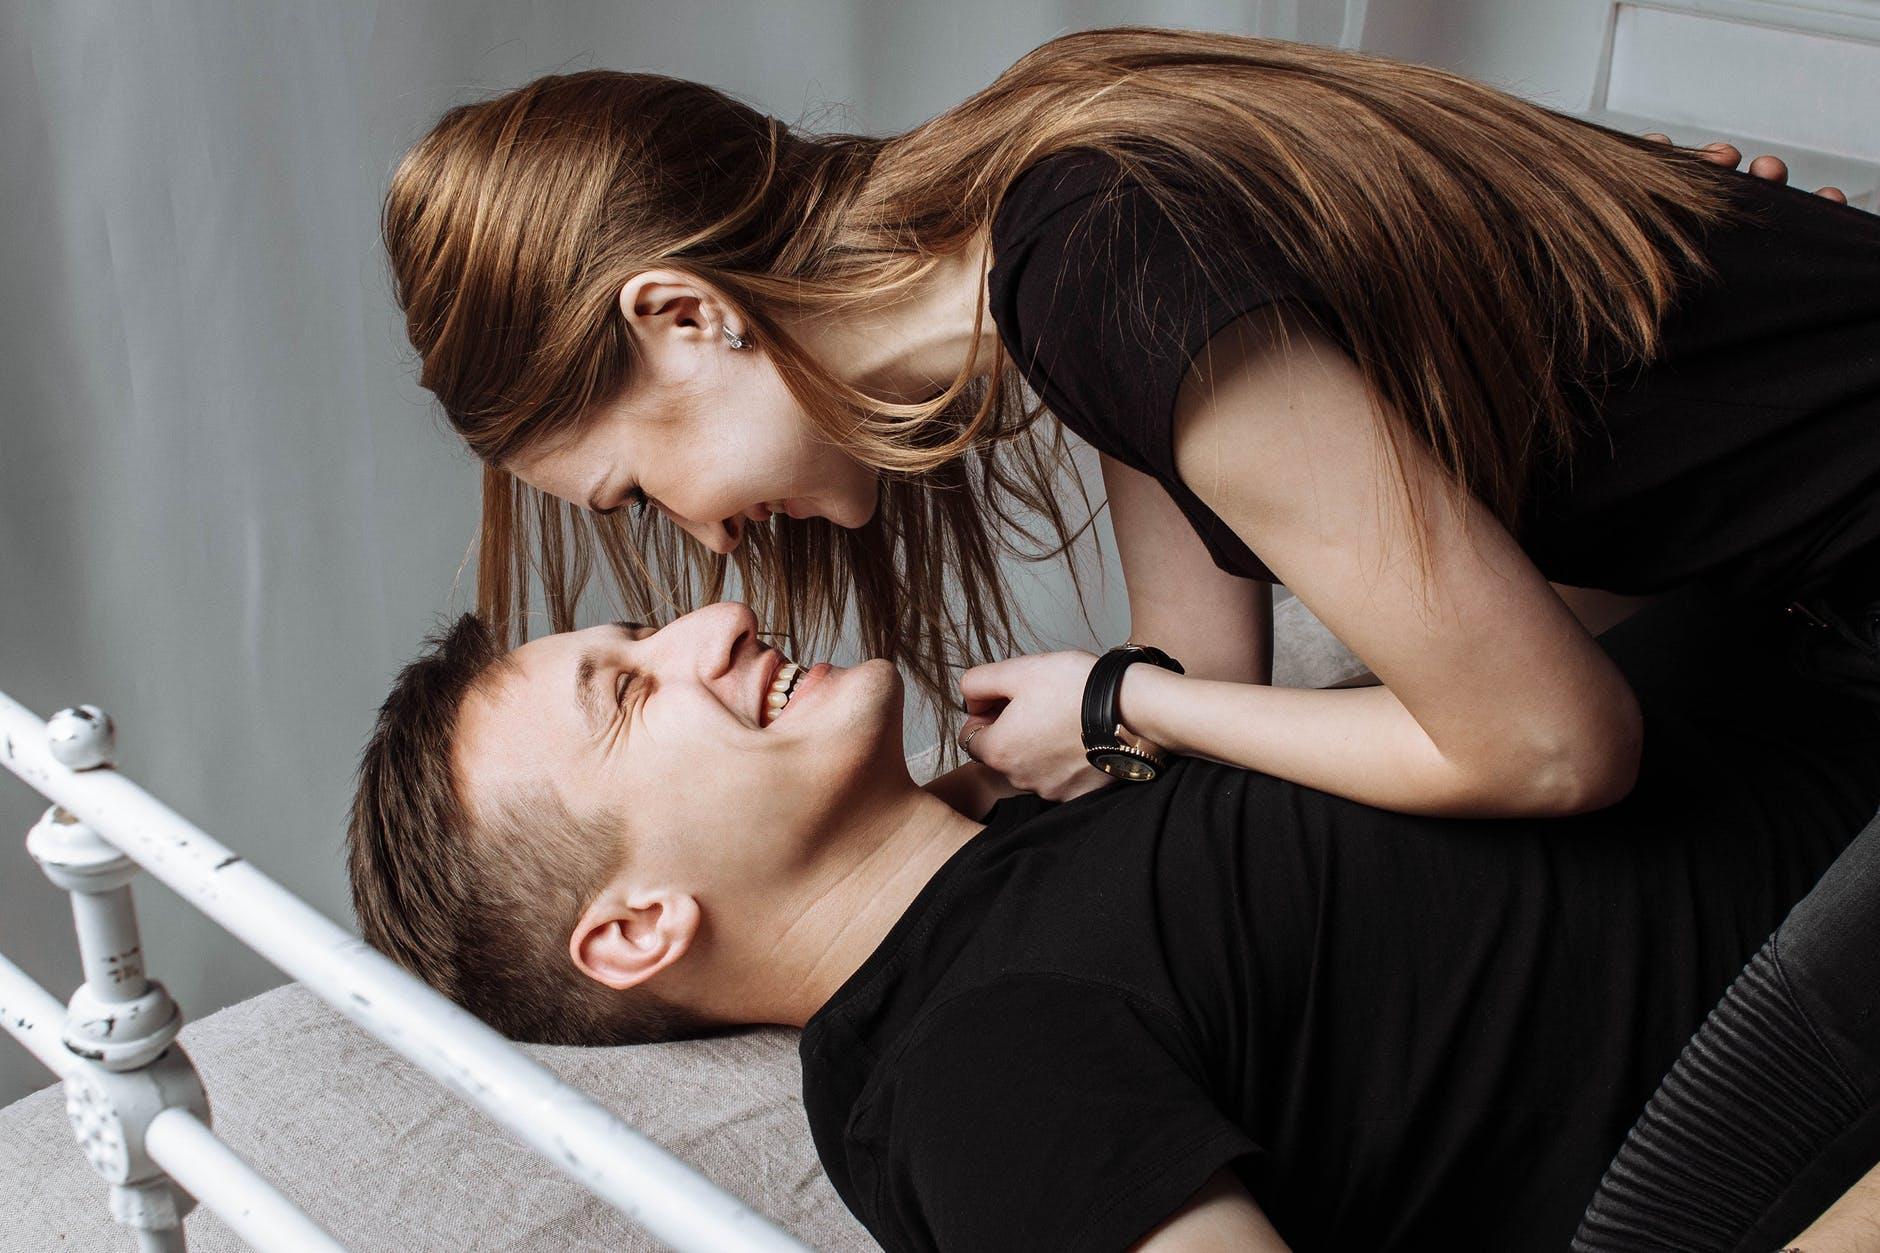 miért tűnhet el a merevedés a közelséggel